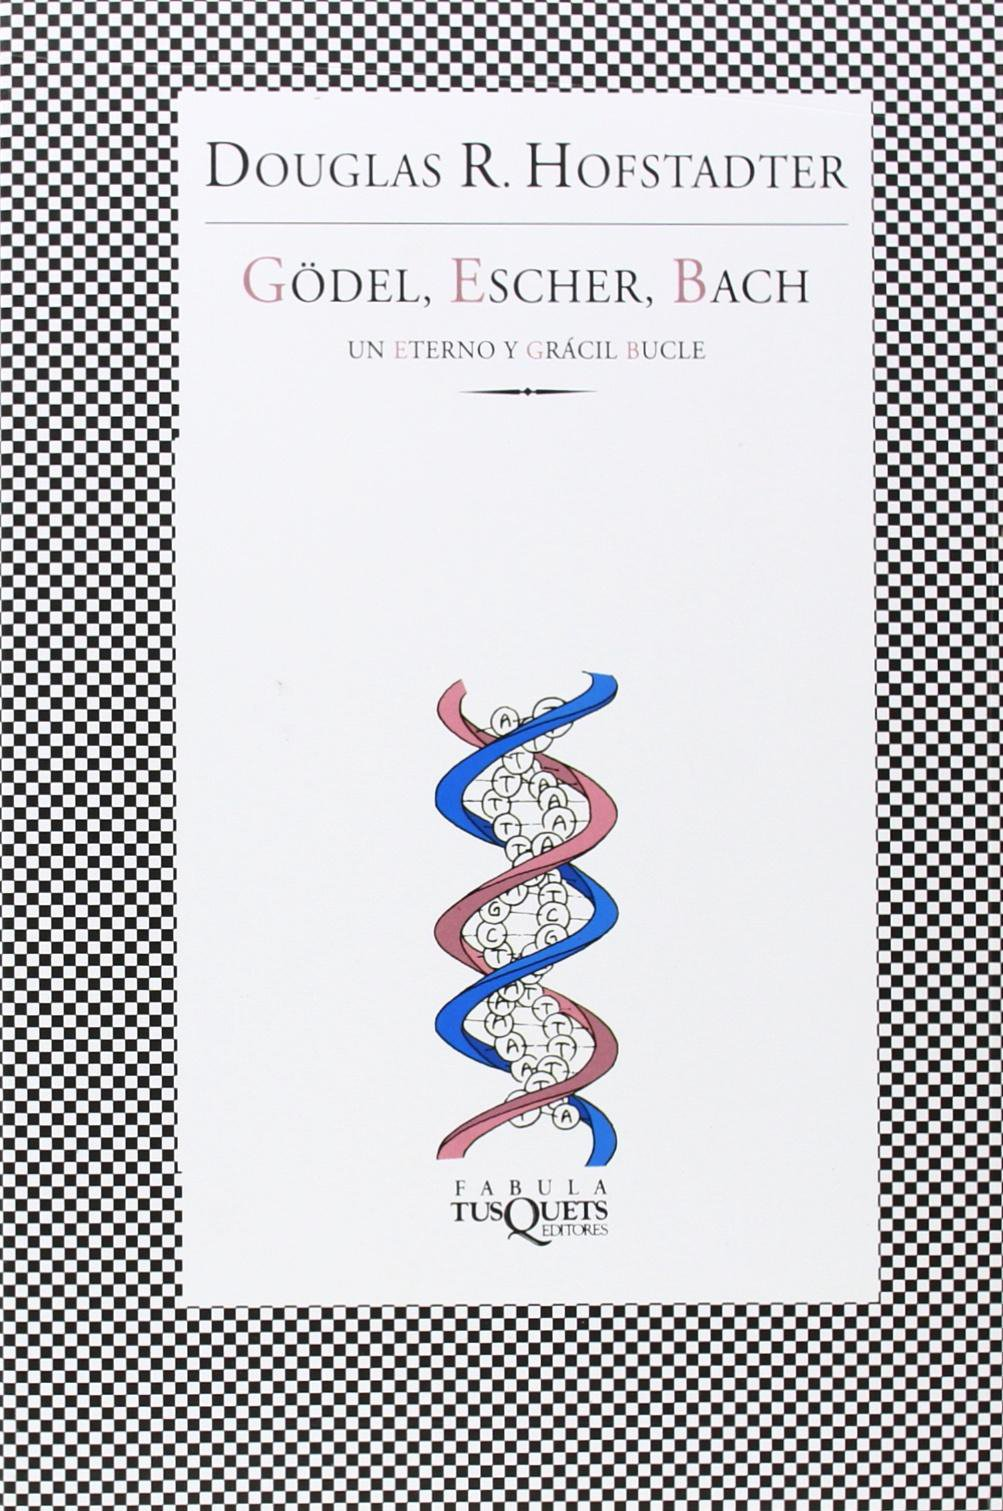 Gödel, Escher, Bach un eterno y grácil bucle